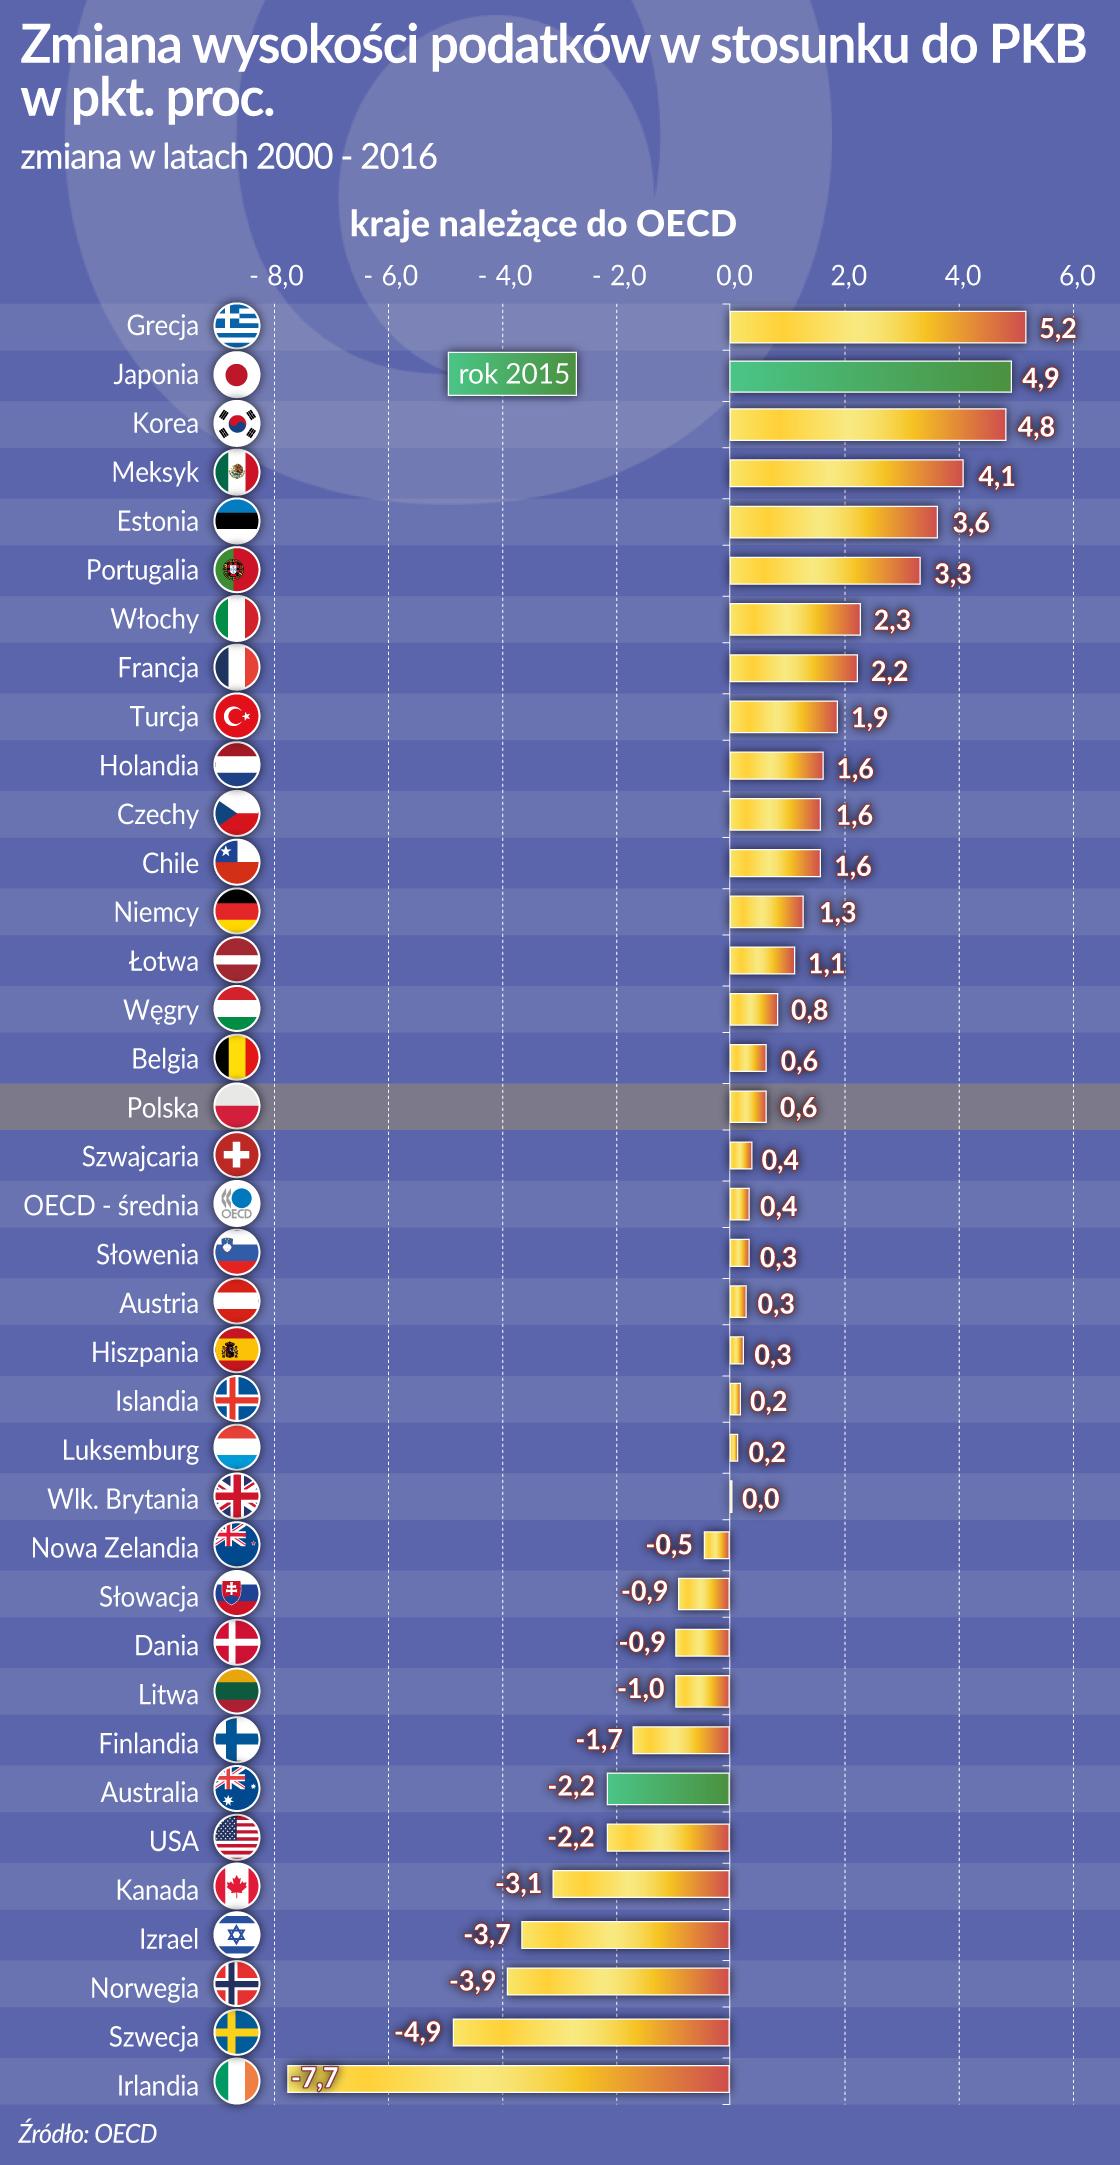 OKO_podatki_zmiana wysokosci_kraje OECD_2000_2016_oko_glowna